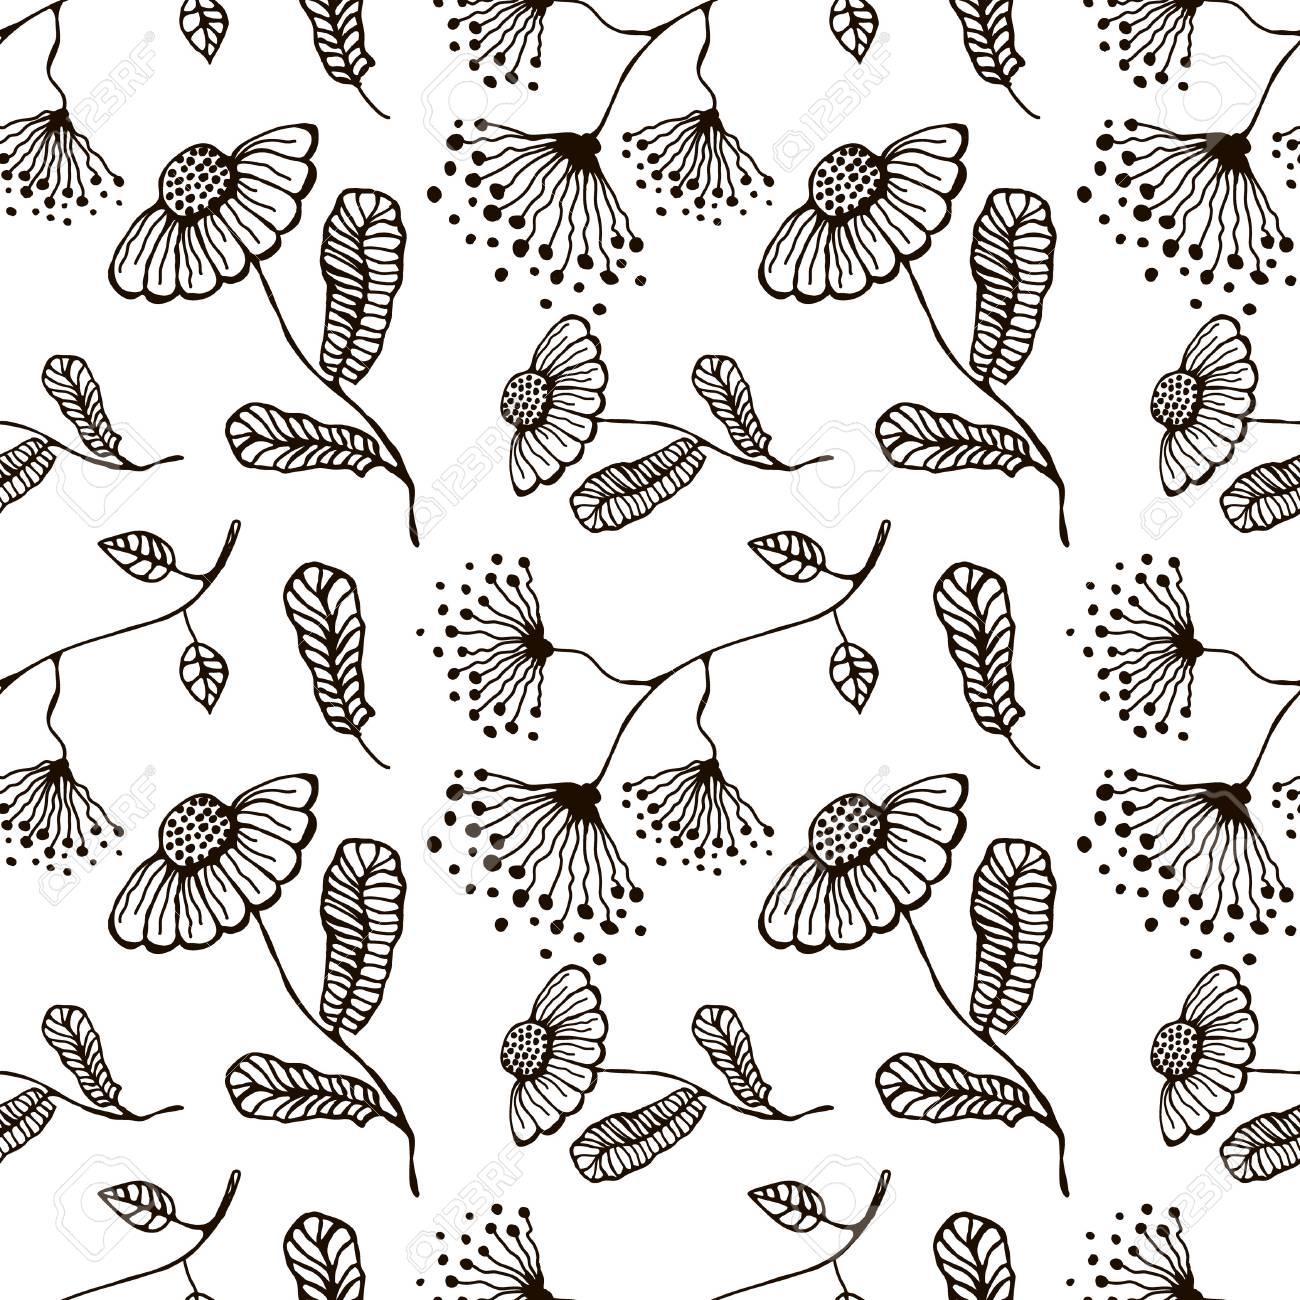 Patrón Floral Vector Transparente. Dibujado A Mano De Fondo Blanco Y ...